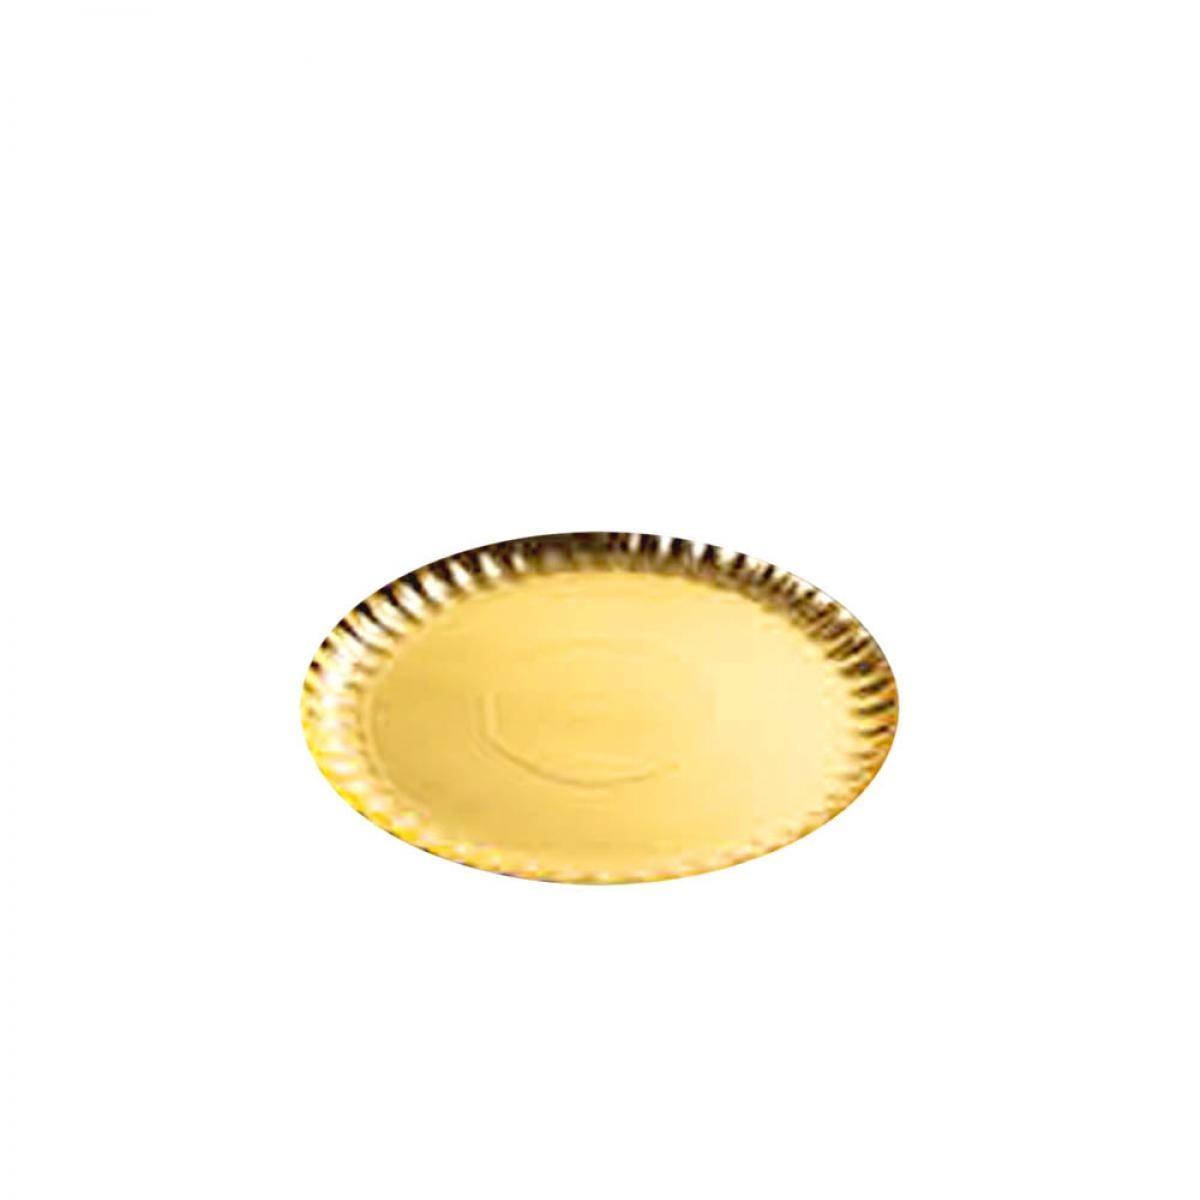 round carton tray (golden) 26